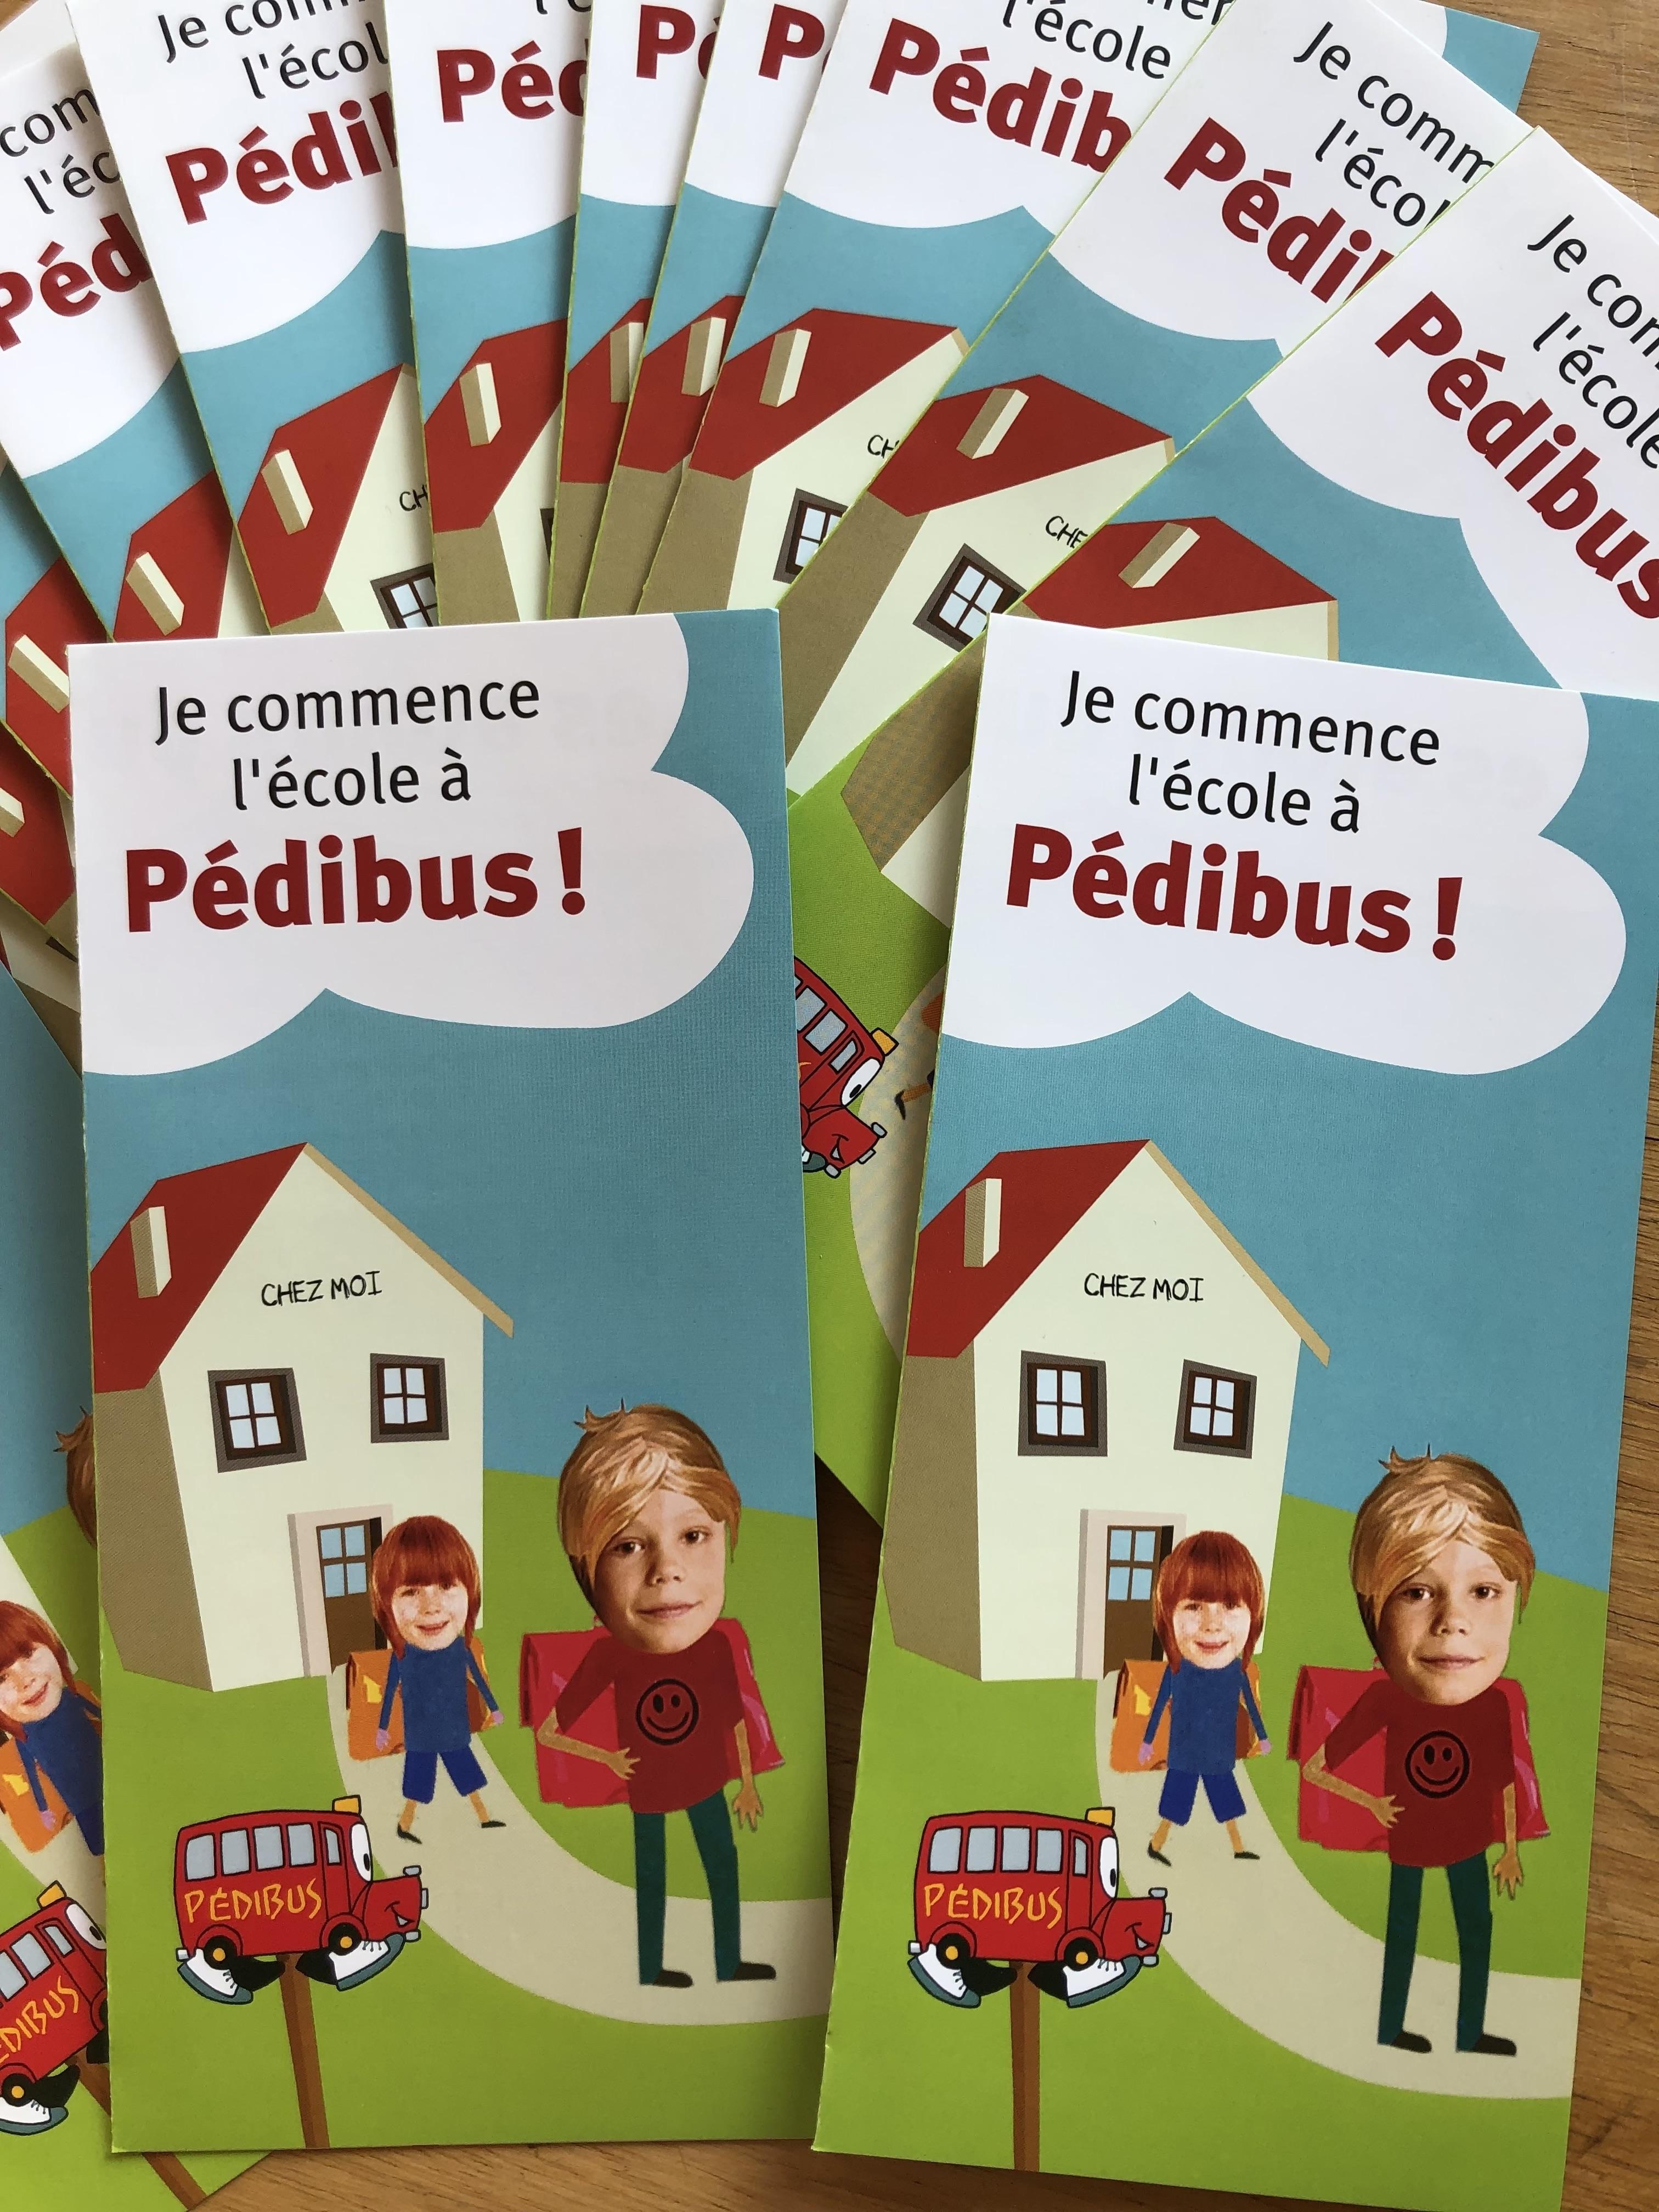 Je commence l'école à Pédibus!